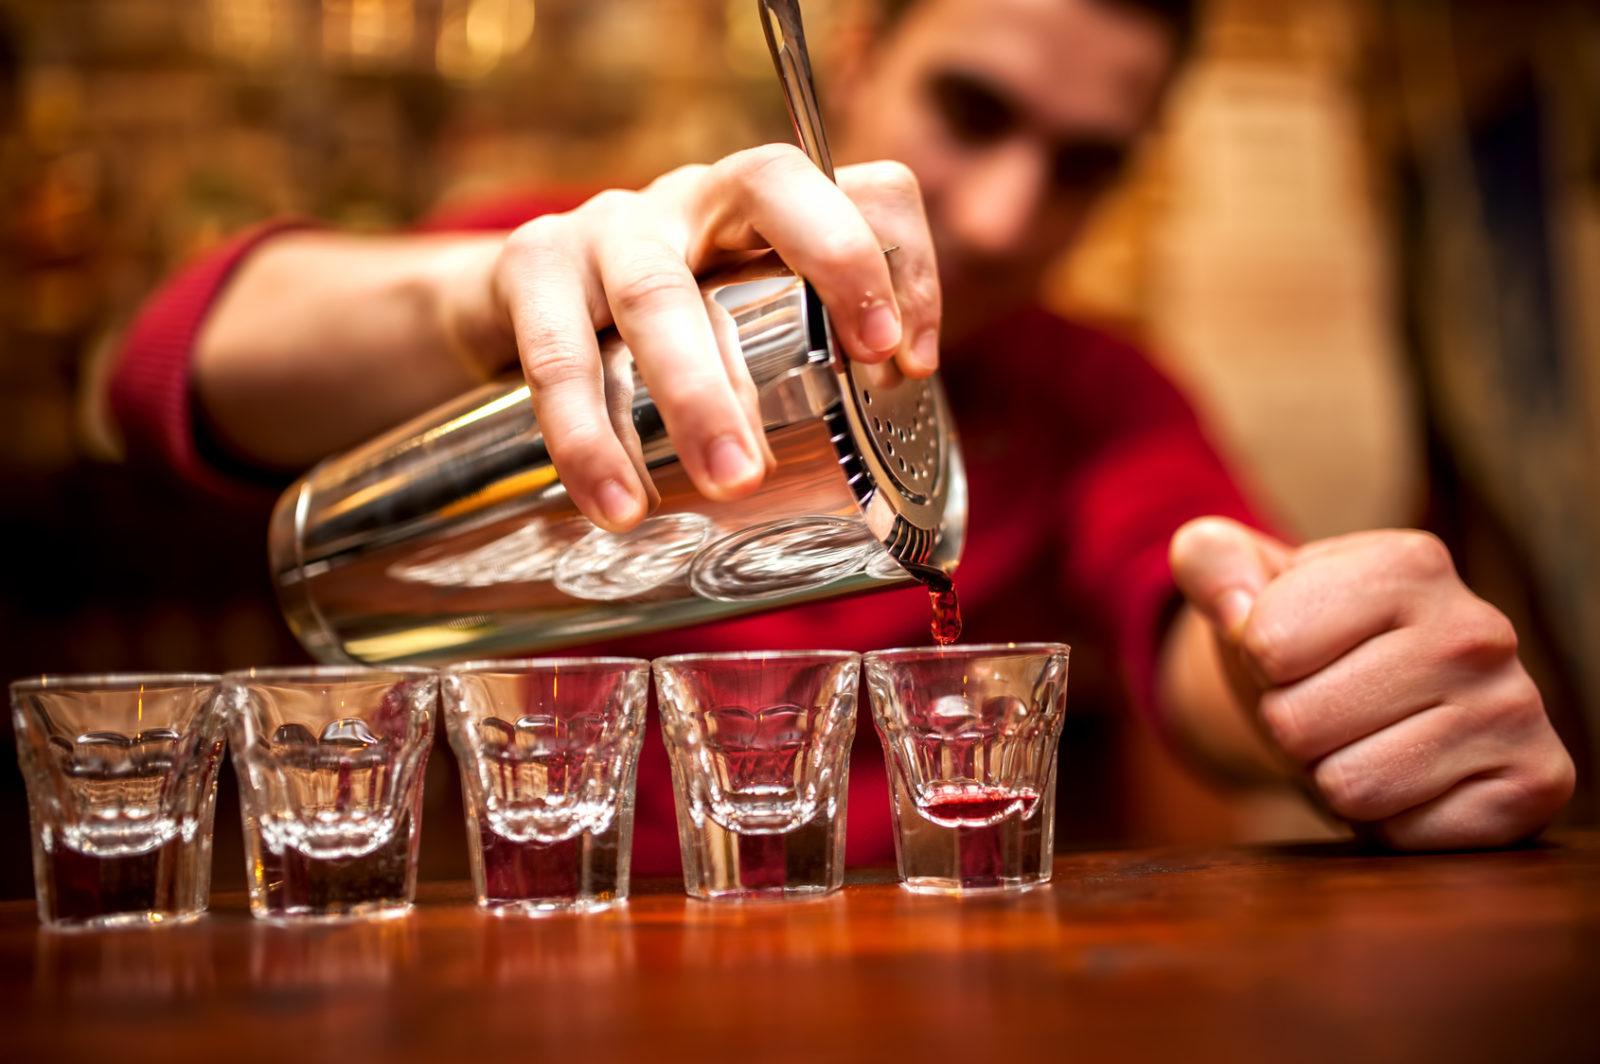 barman nalewa z shakera po kolei do kieliszków alkohol. W tle widac słabo wyostrzoną jego sylwetke. Ubrany jest w czerwoną koszulkę.